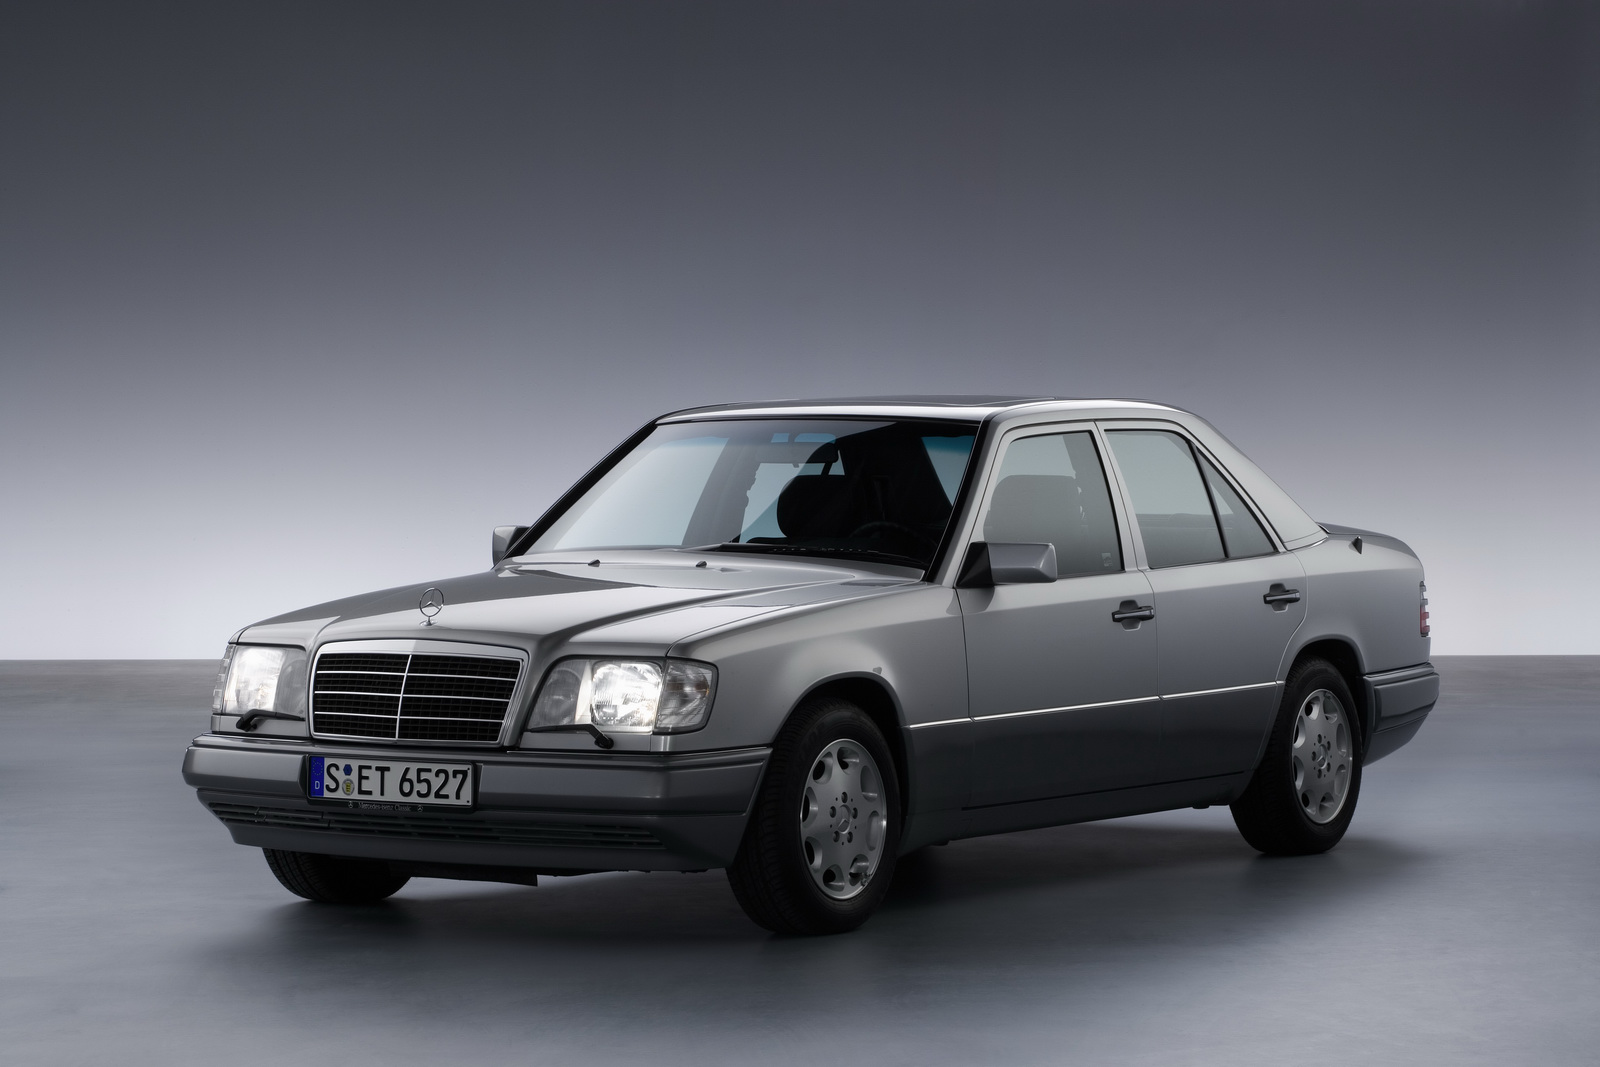 Mercedes-Benz W124 ra mắt năm 1984, tiền thân của E-Class